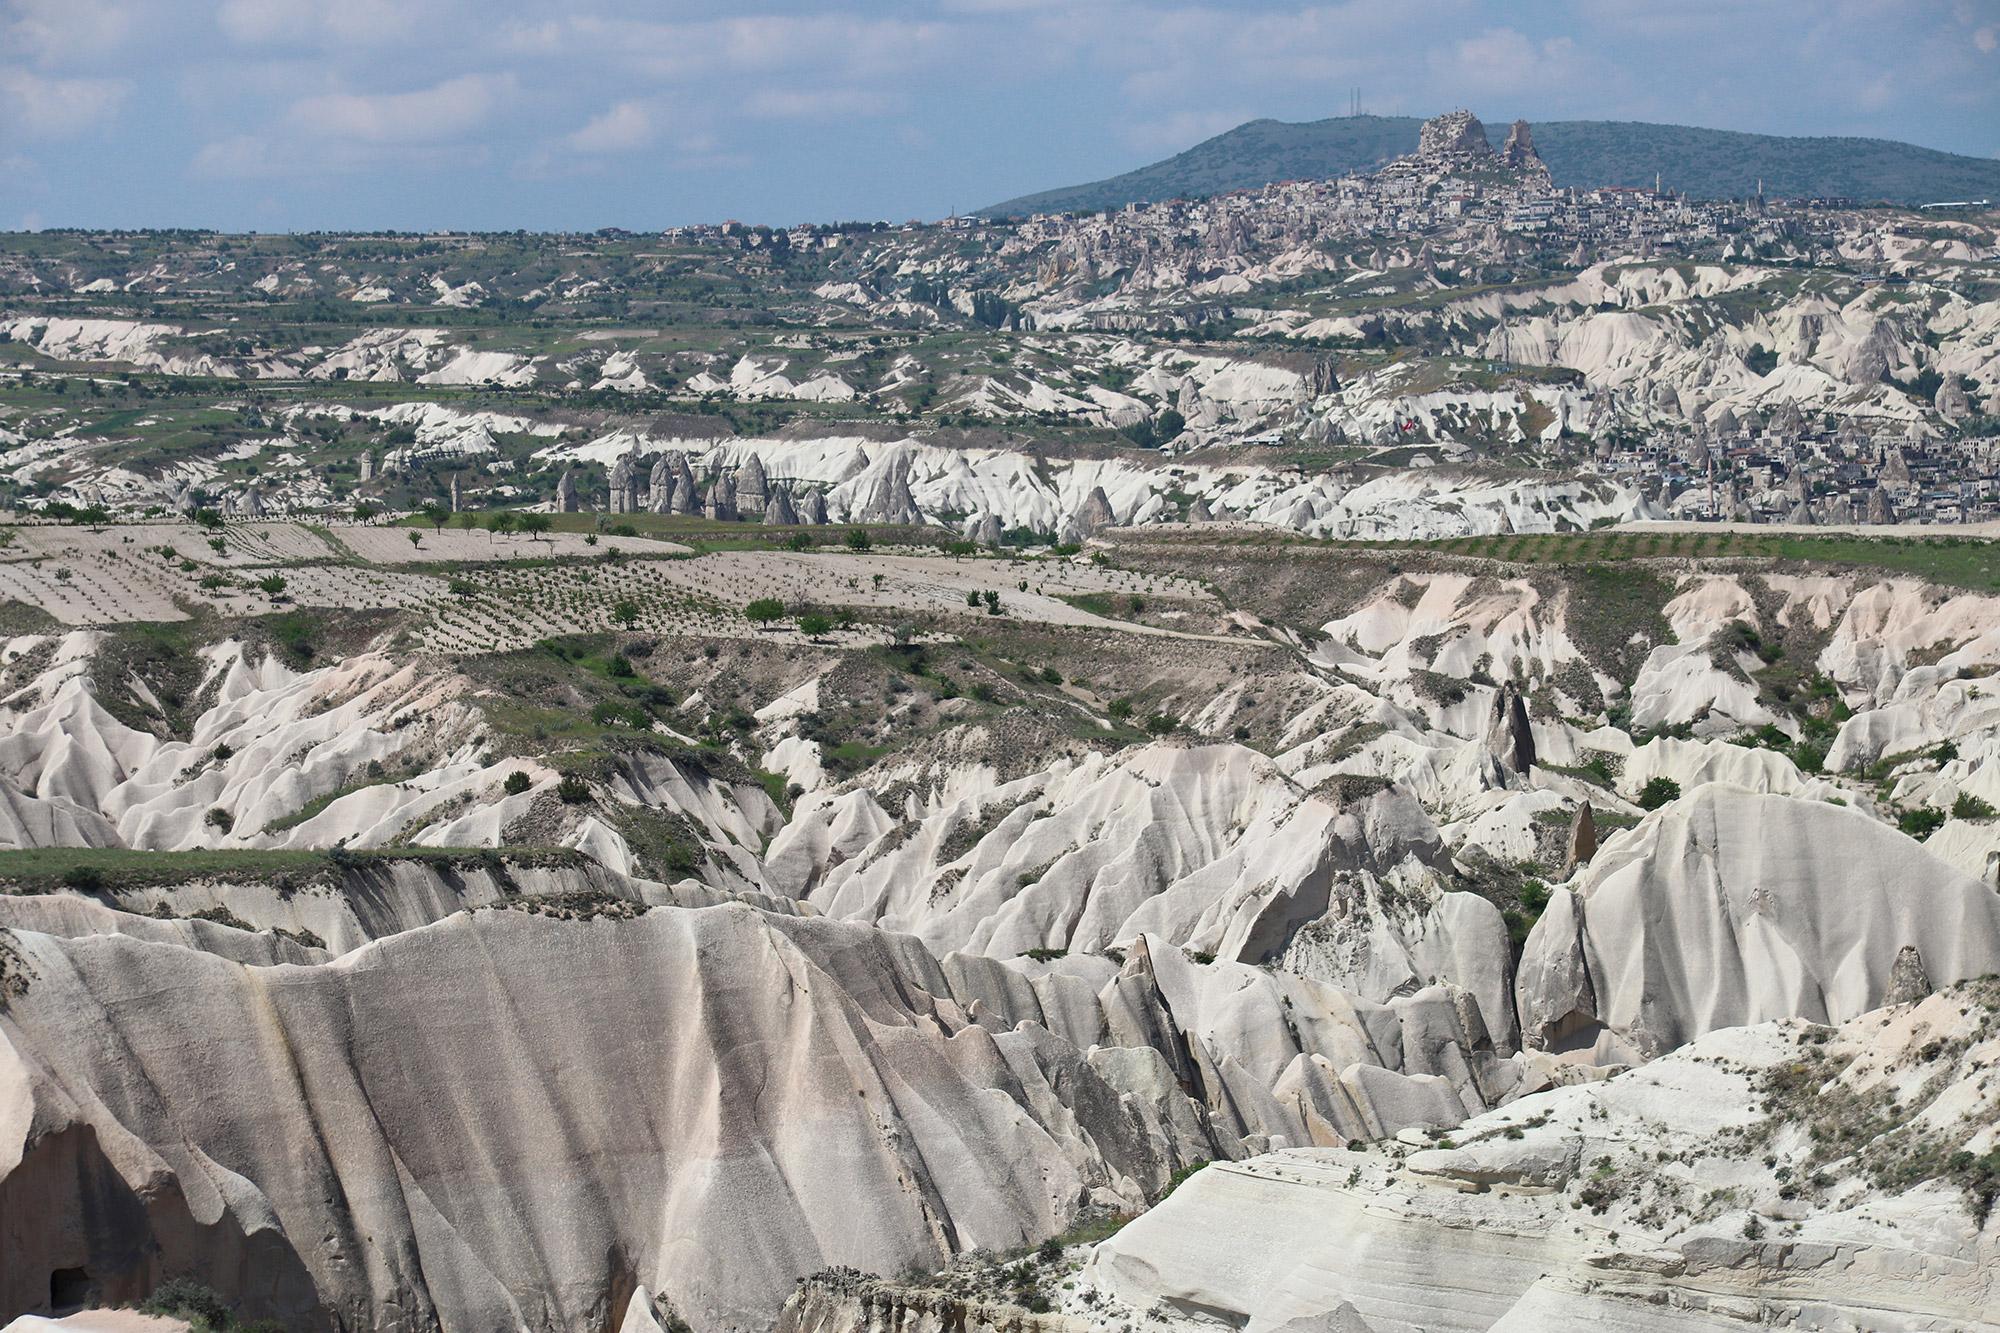 Turkije reisverslag: Terug in Cappadocië - Kızılçukur Vadisi